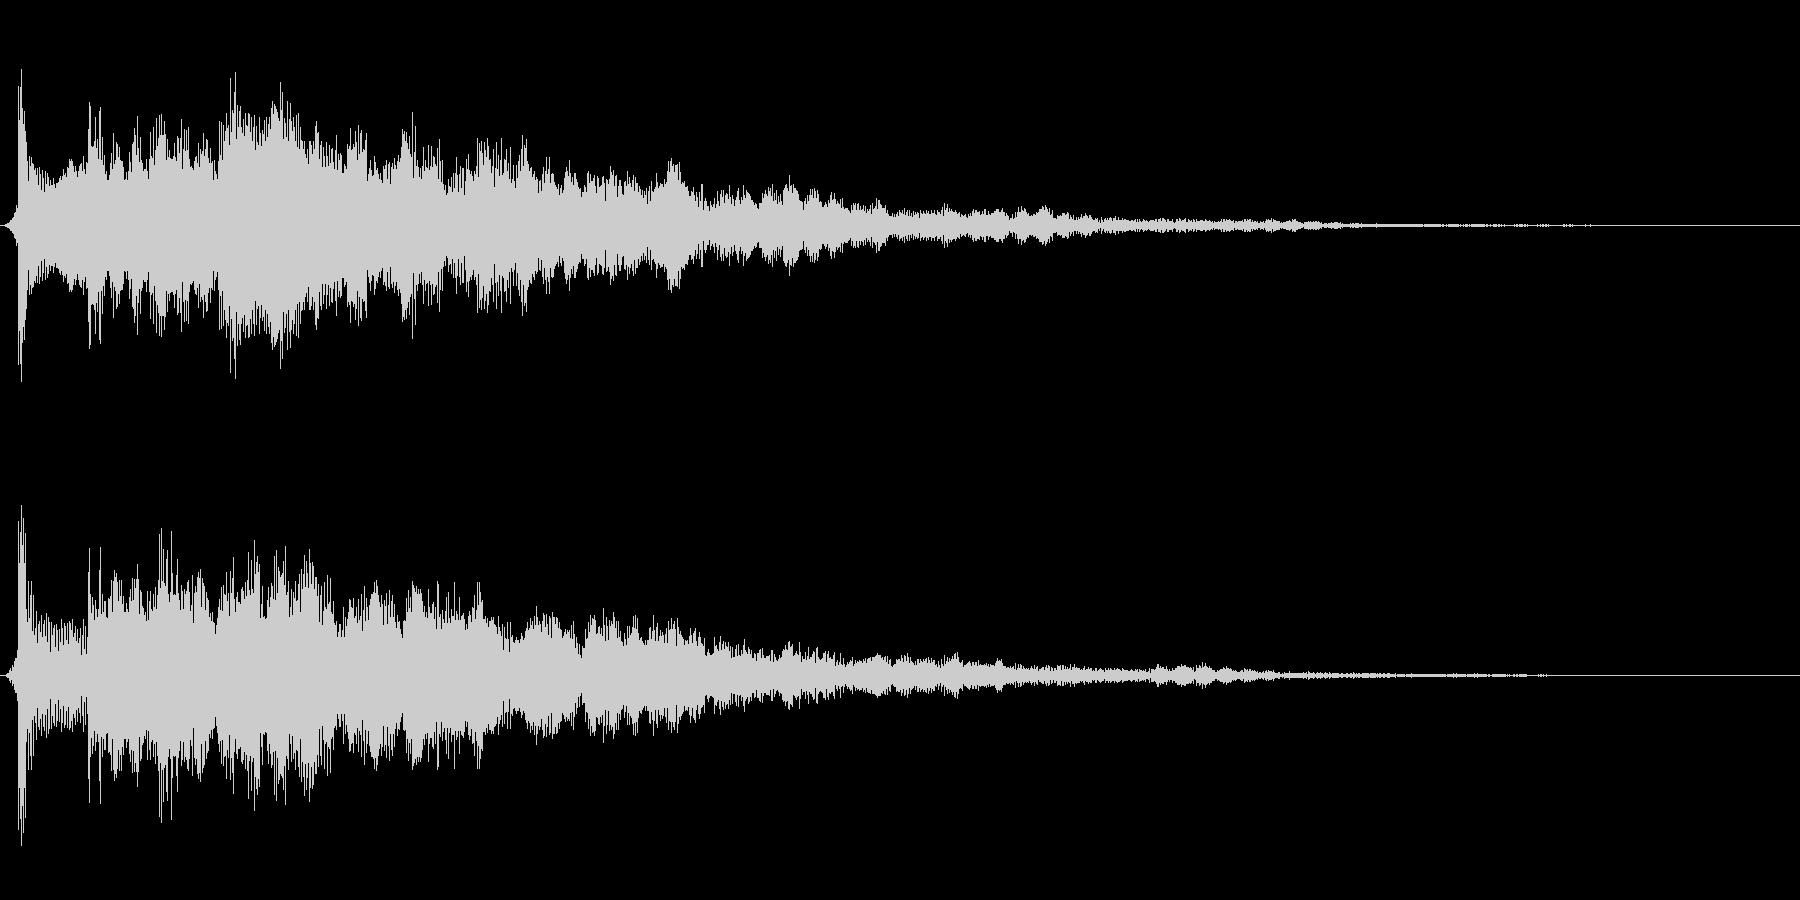 サウンドロゴ想定不思議なエレキギターの未再生の波形